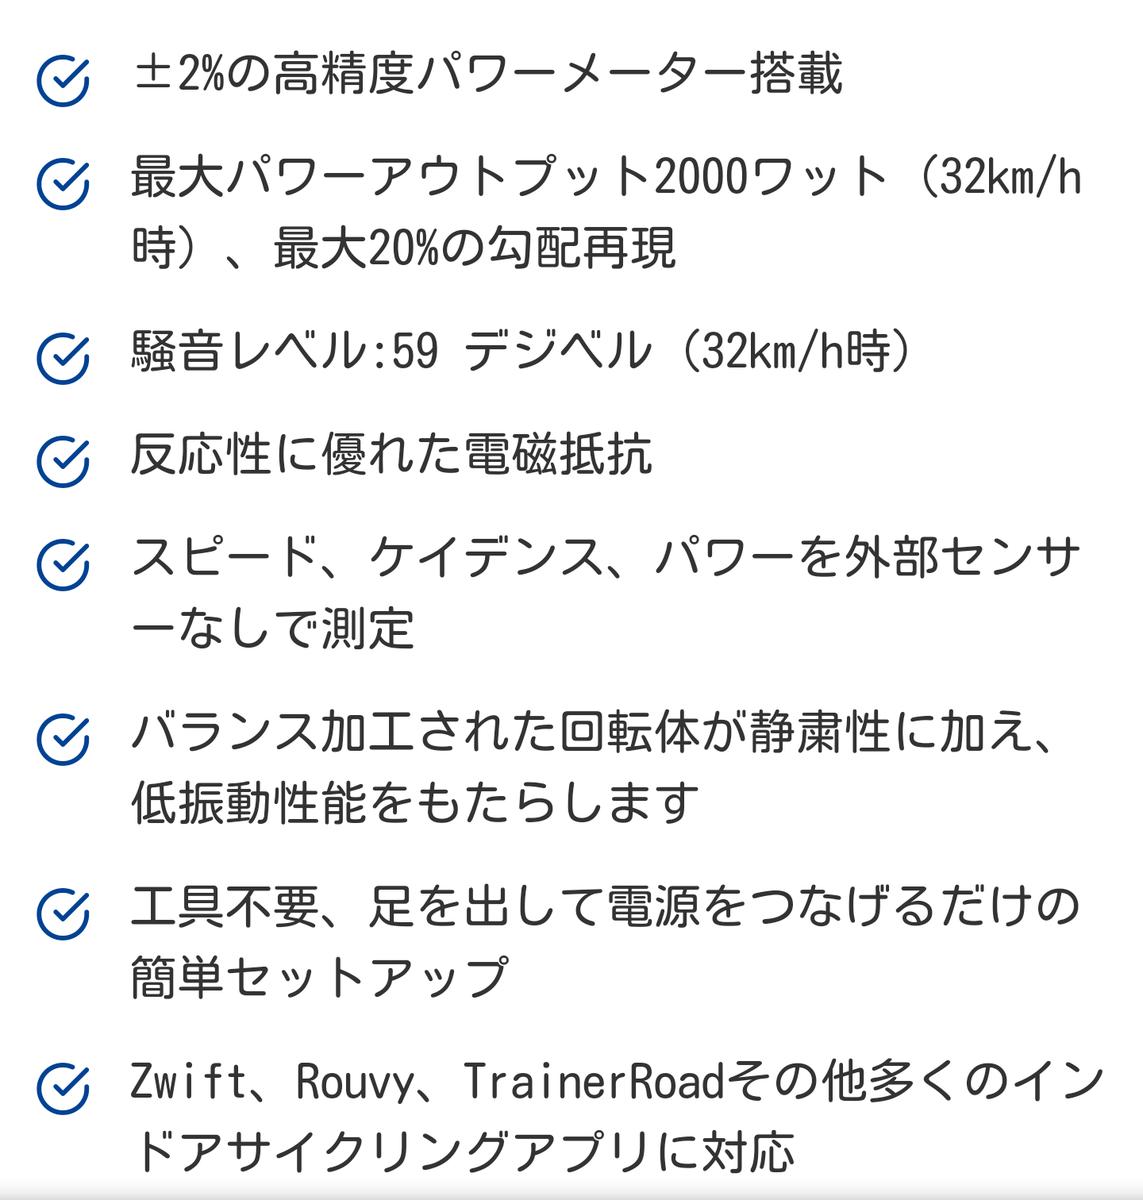 f:id:poppo_hato4416:20210905044025p:plain